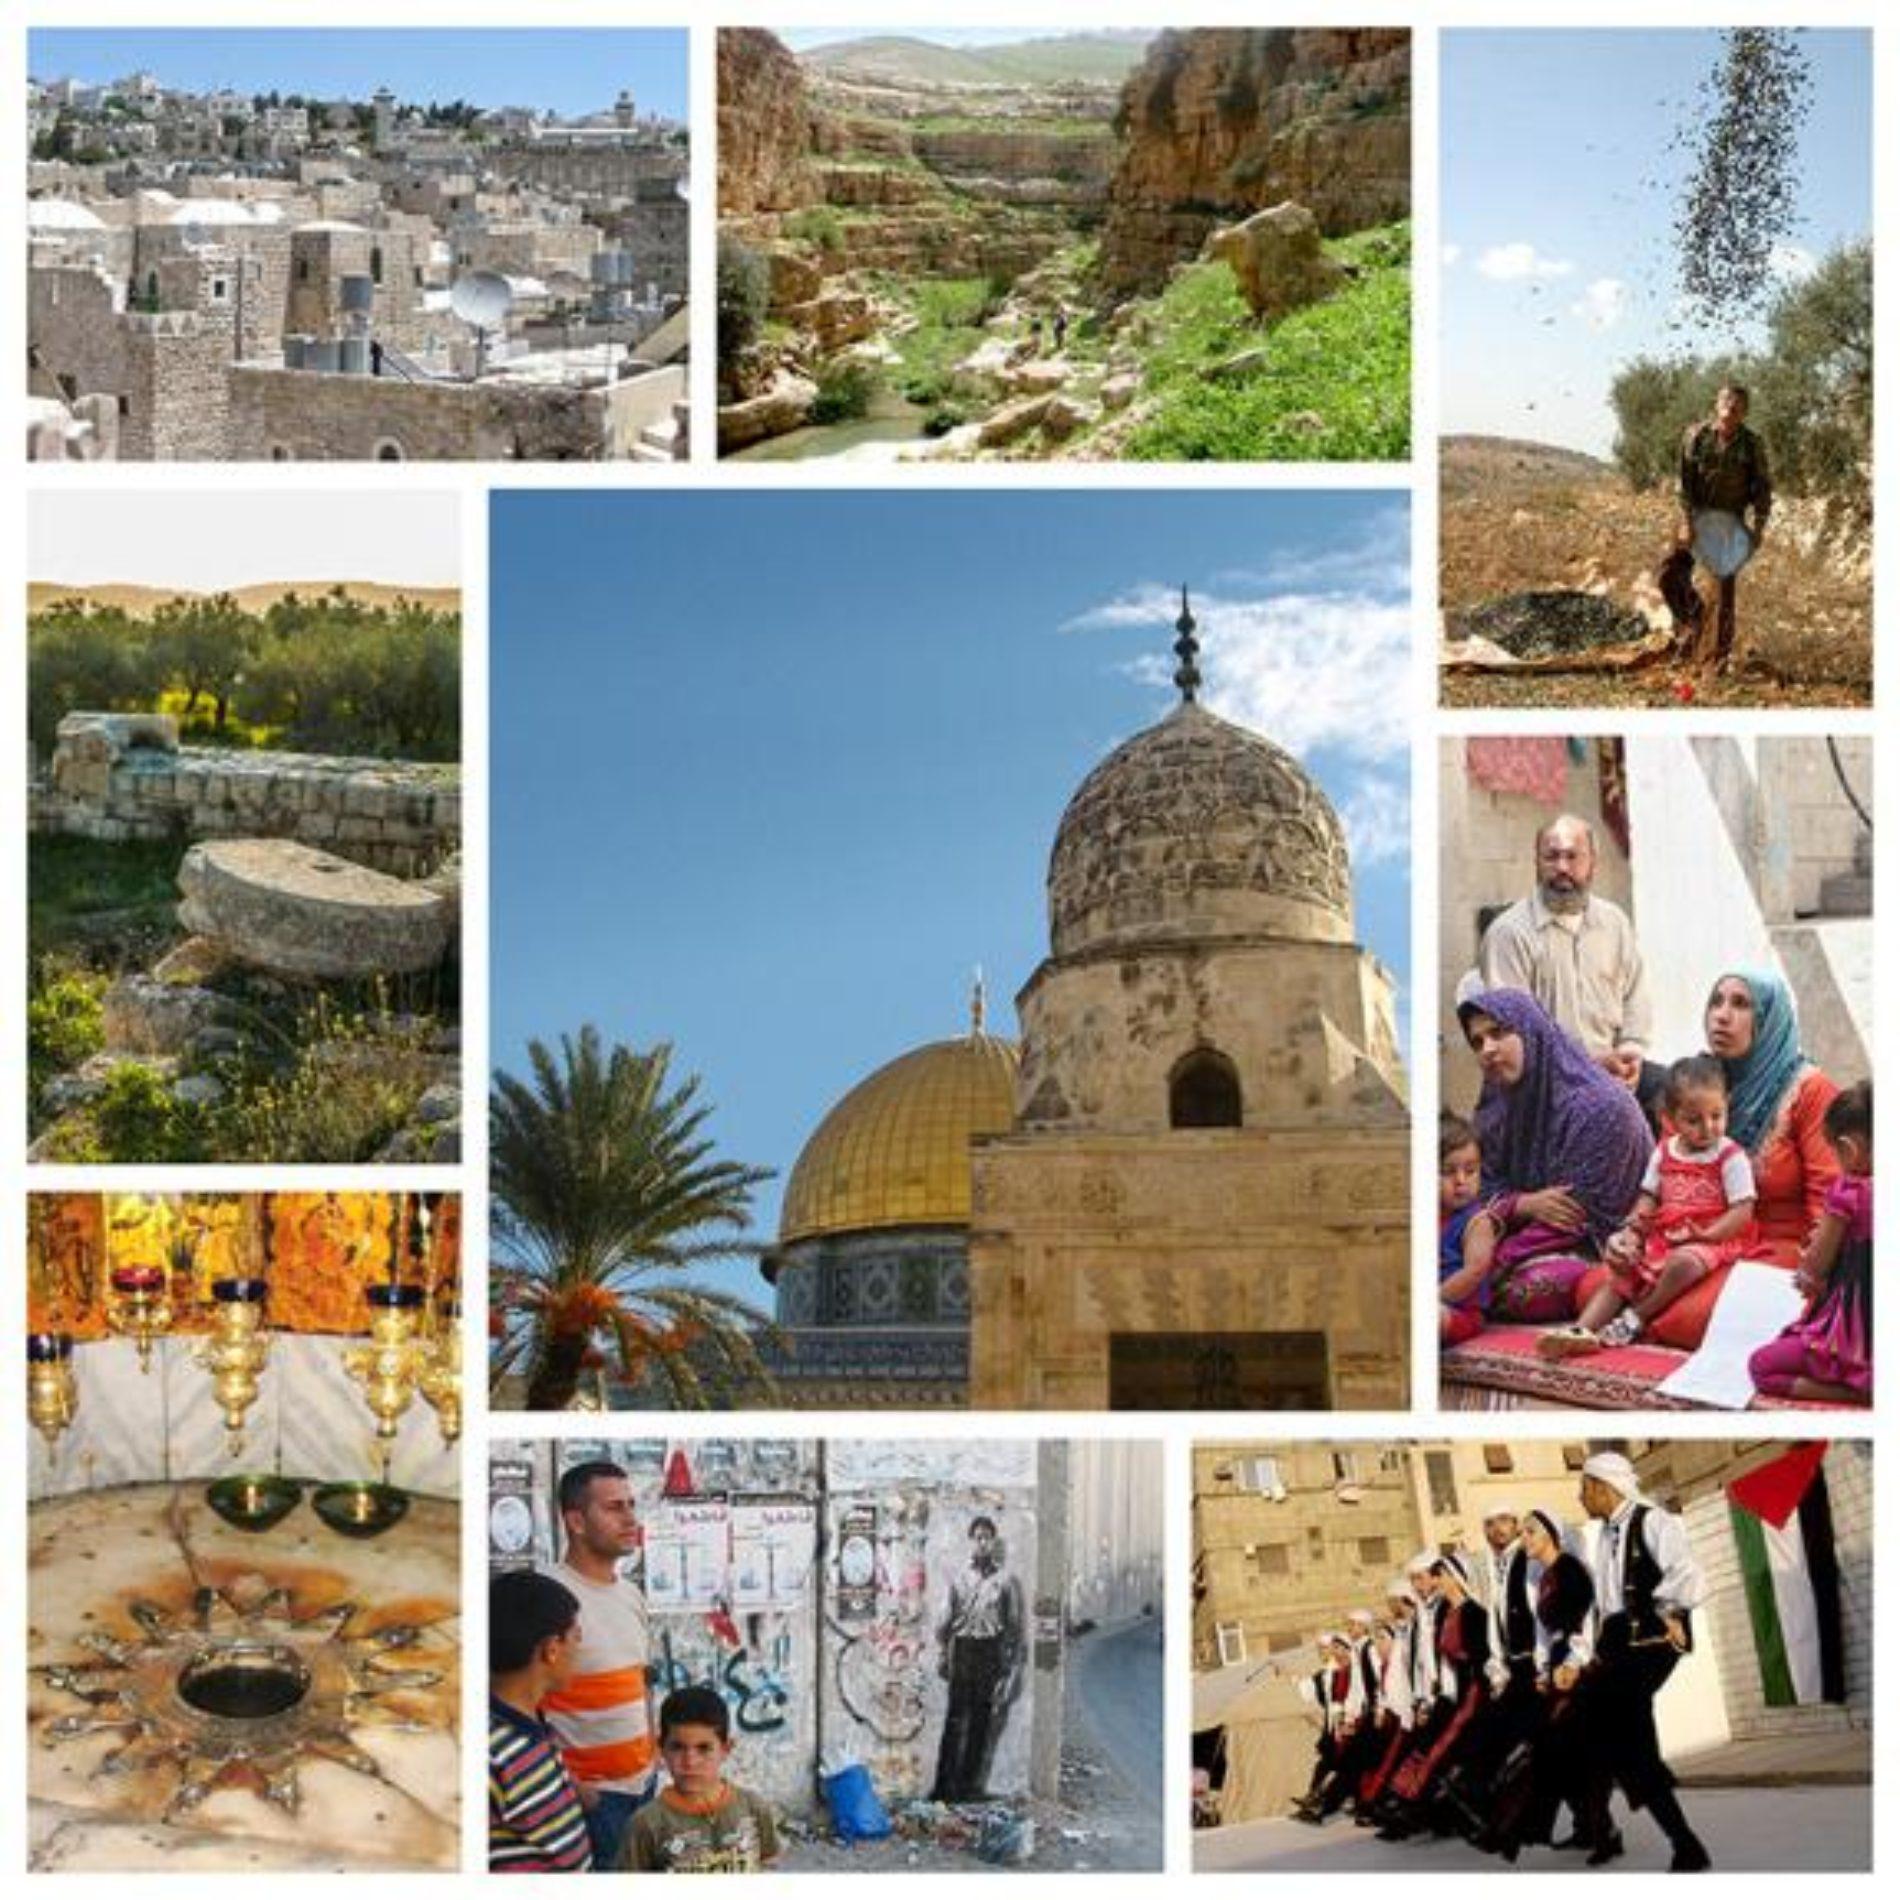 Table ronde sur la thématique  du voyage en Palestine  animée par Sabri Giroud directeur  de DIWAN VOYAGE